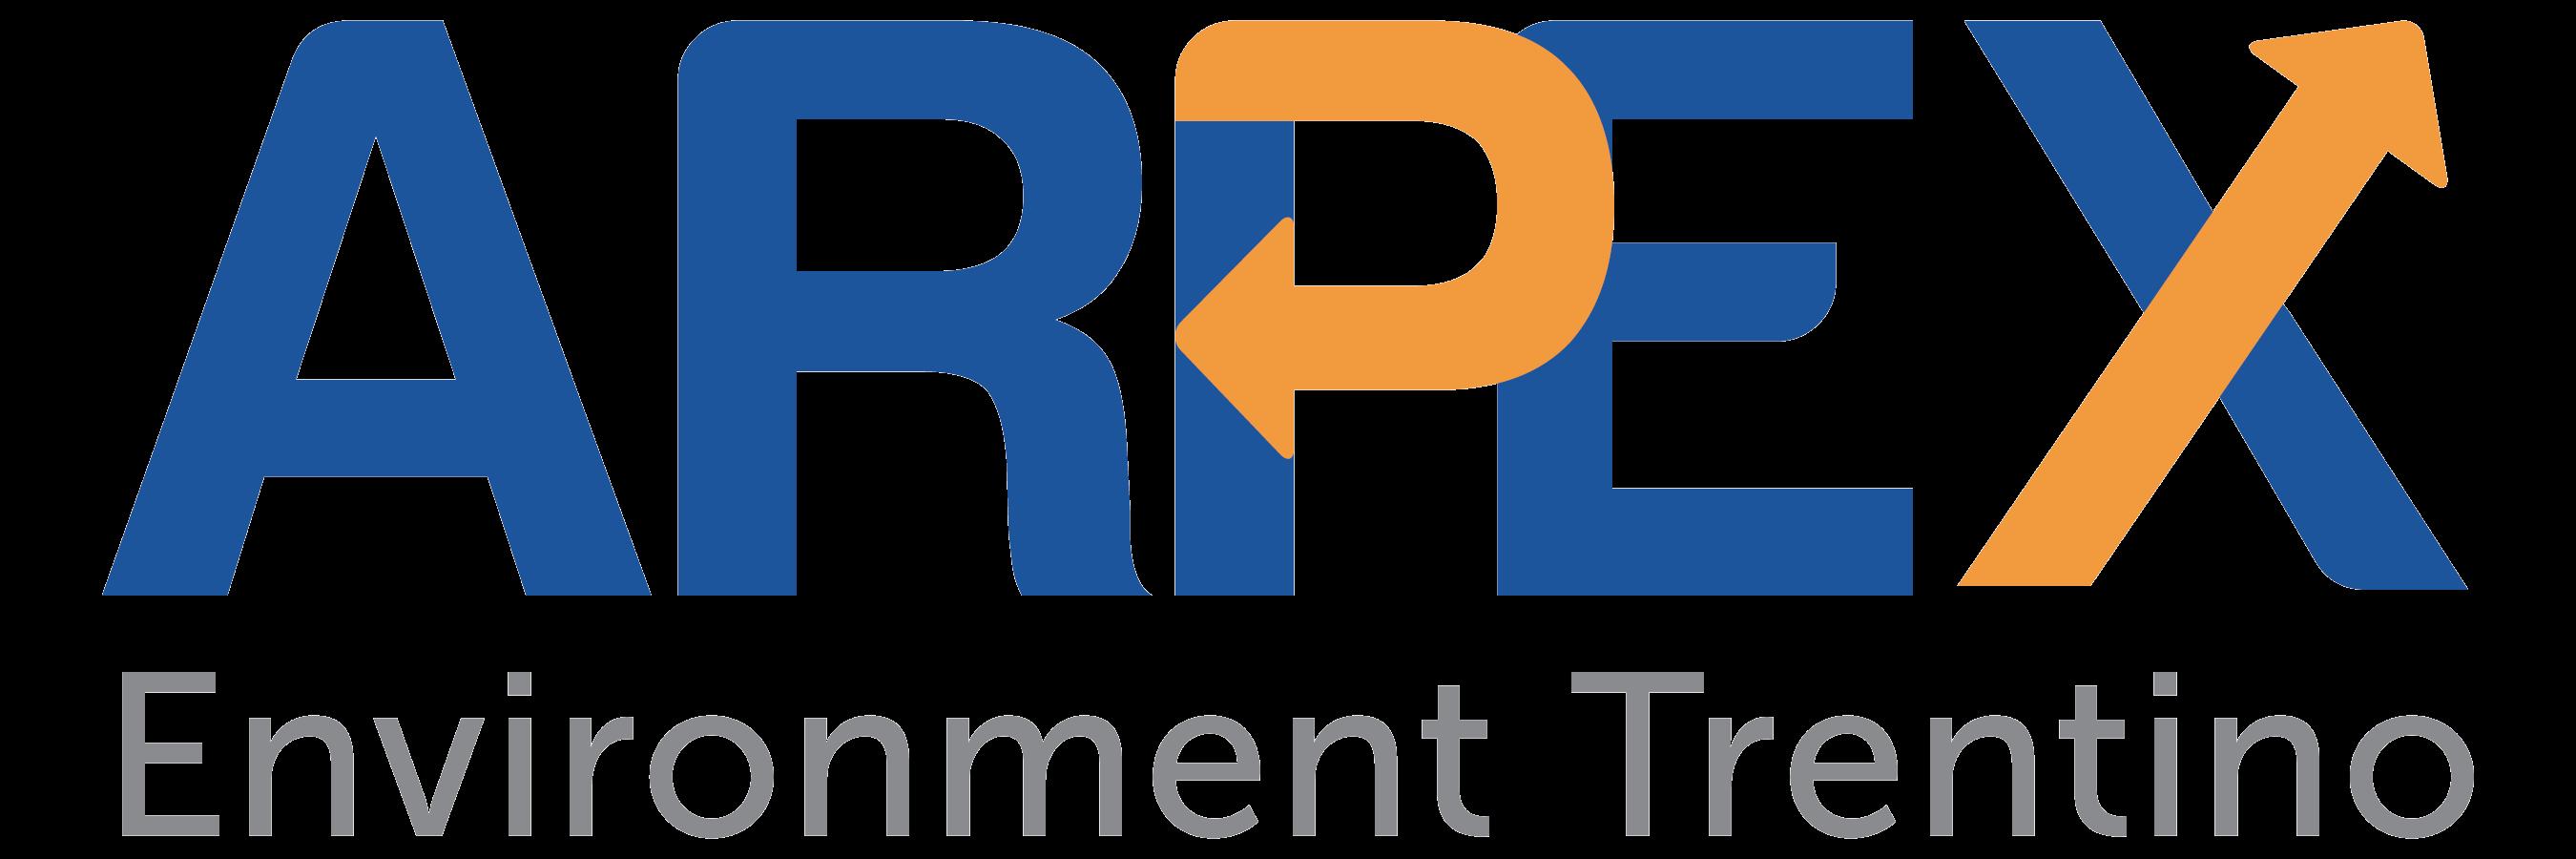 Arpex Environment Trentino